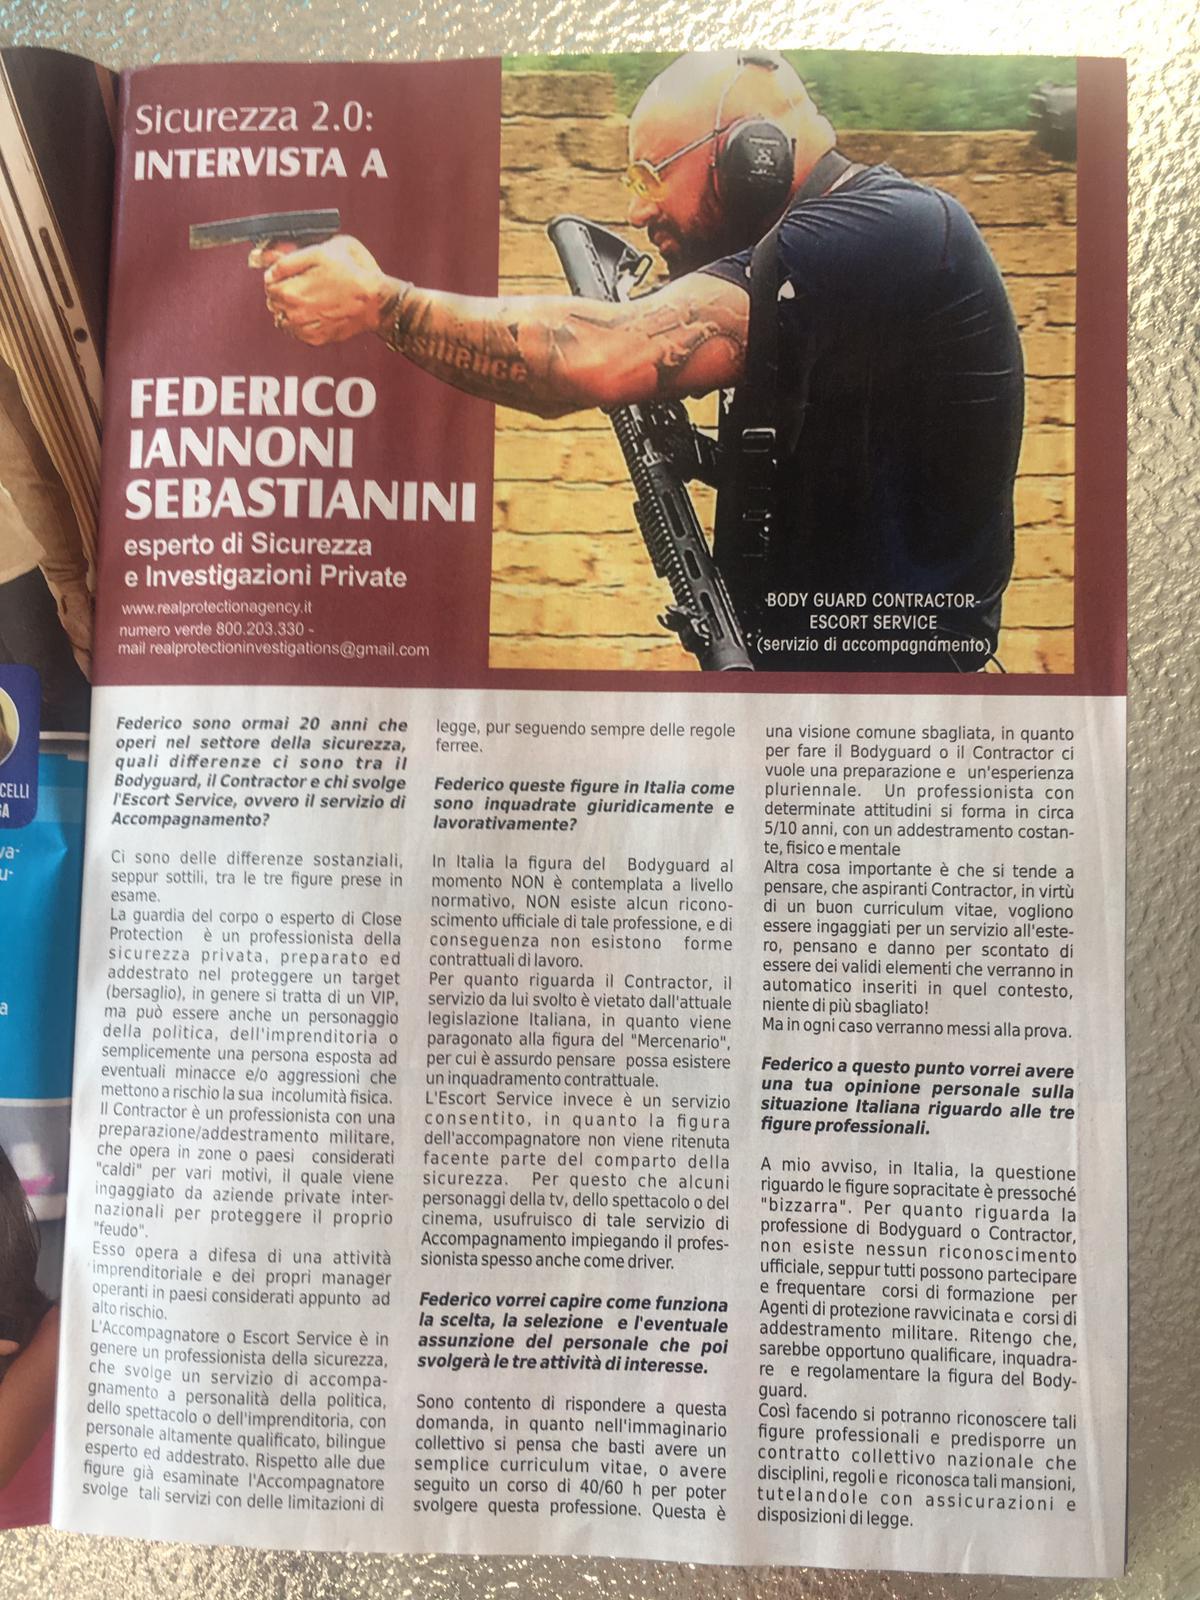 Intervista settimanale TUTTO su servizio #Bodyguard #Contractor #Escortservice (2)